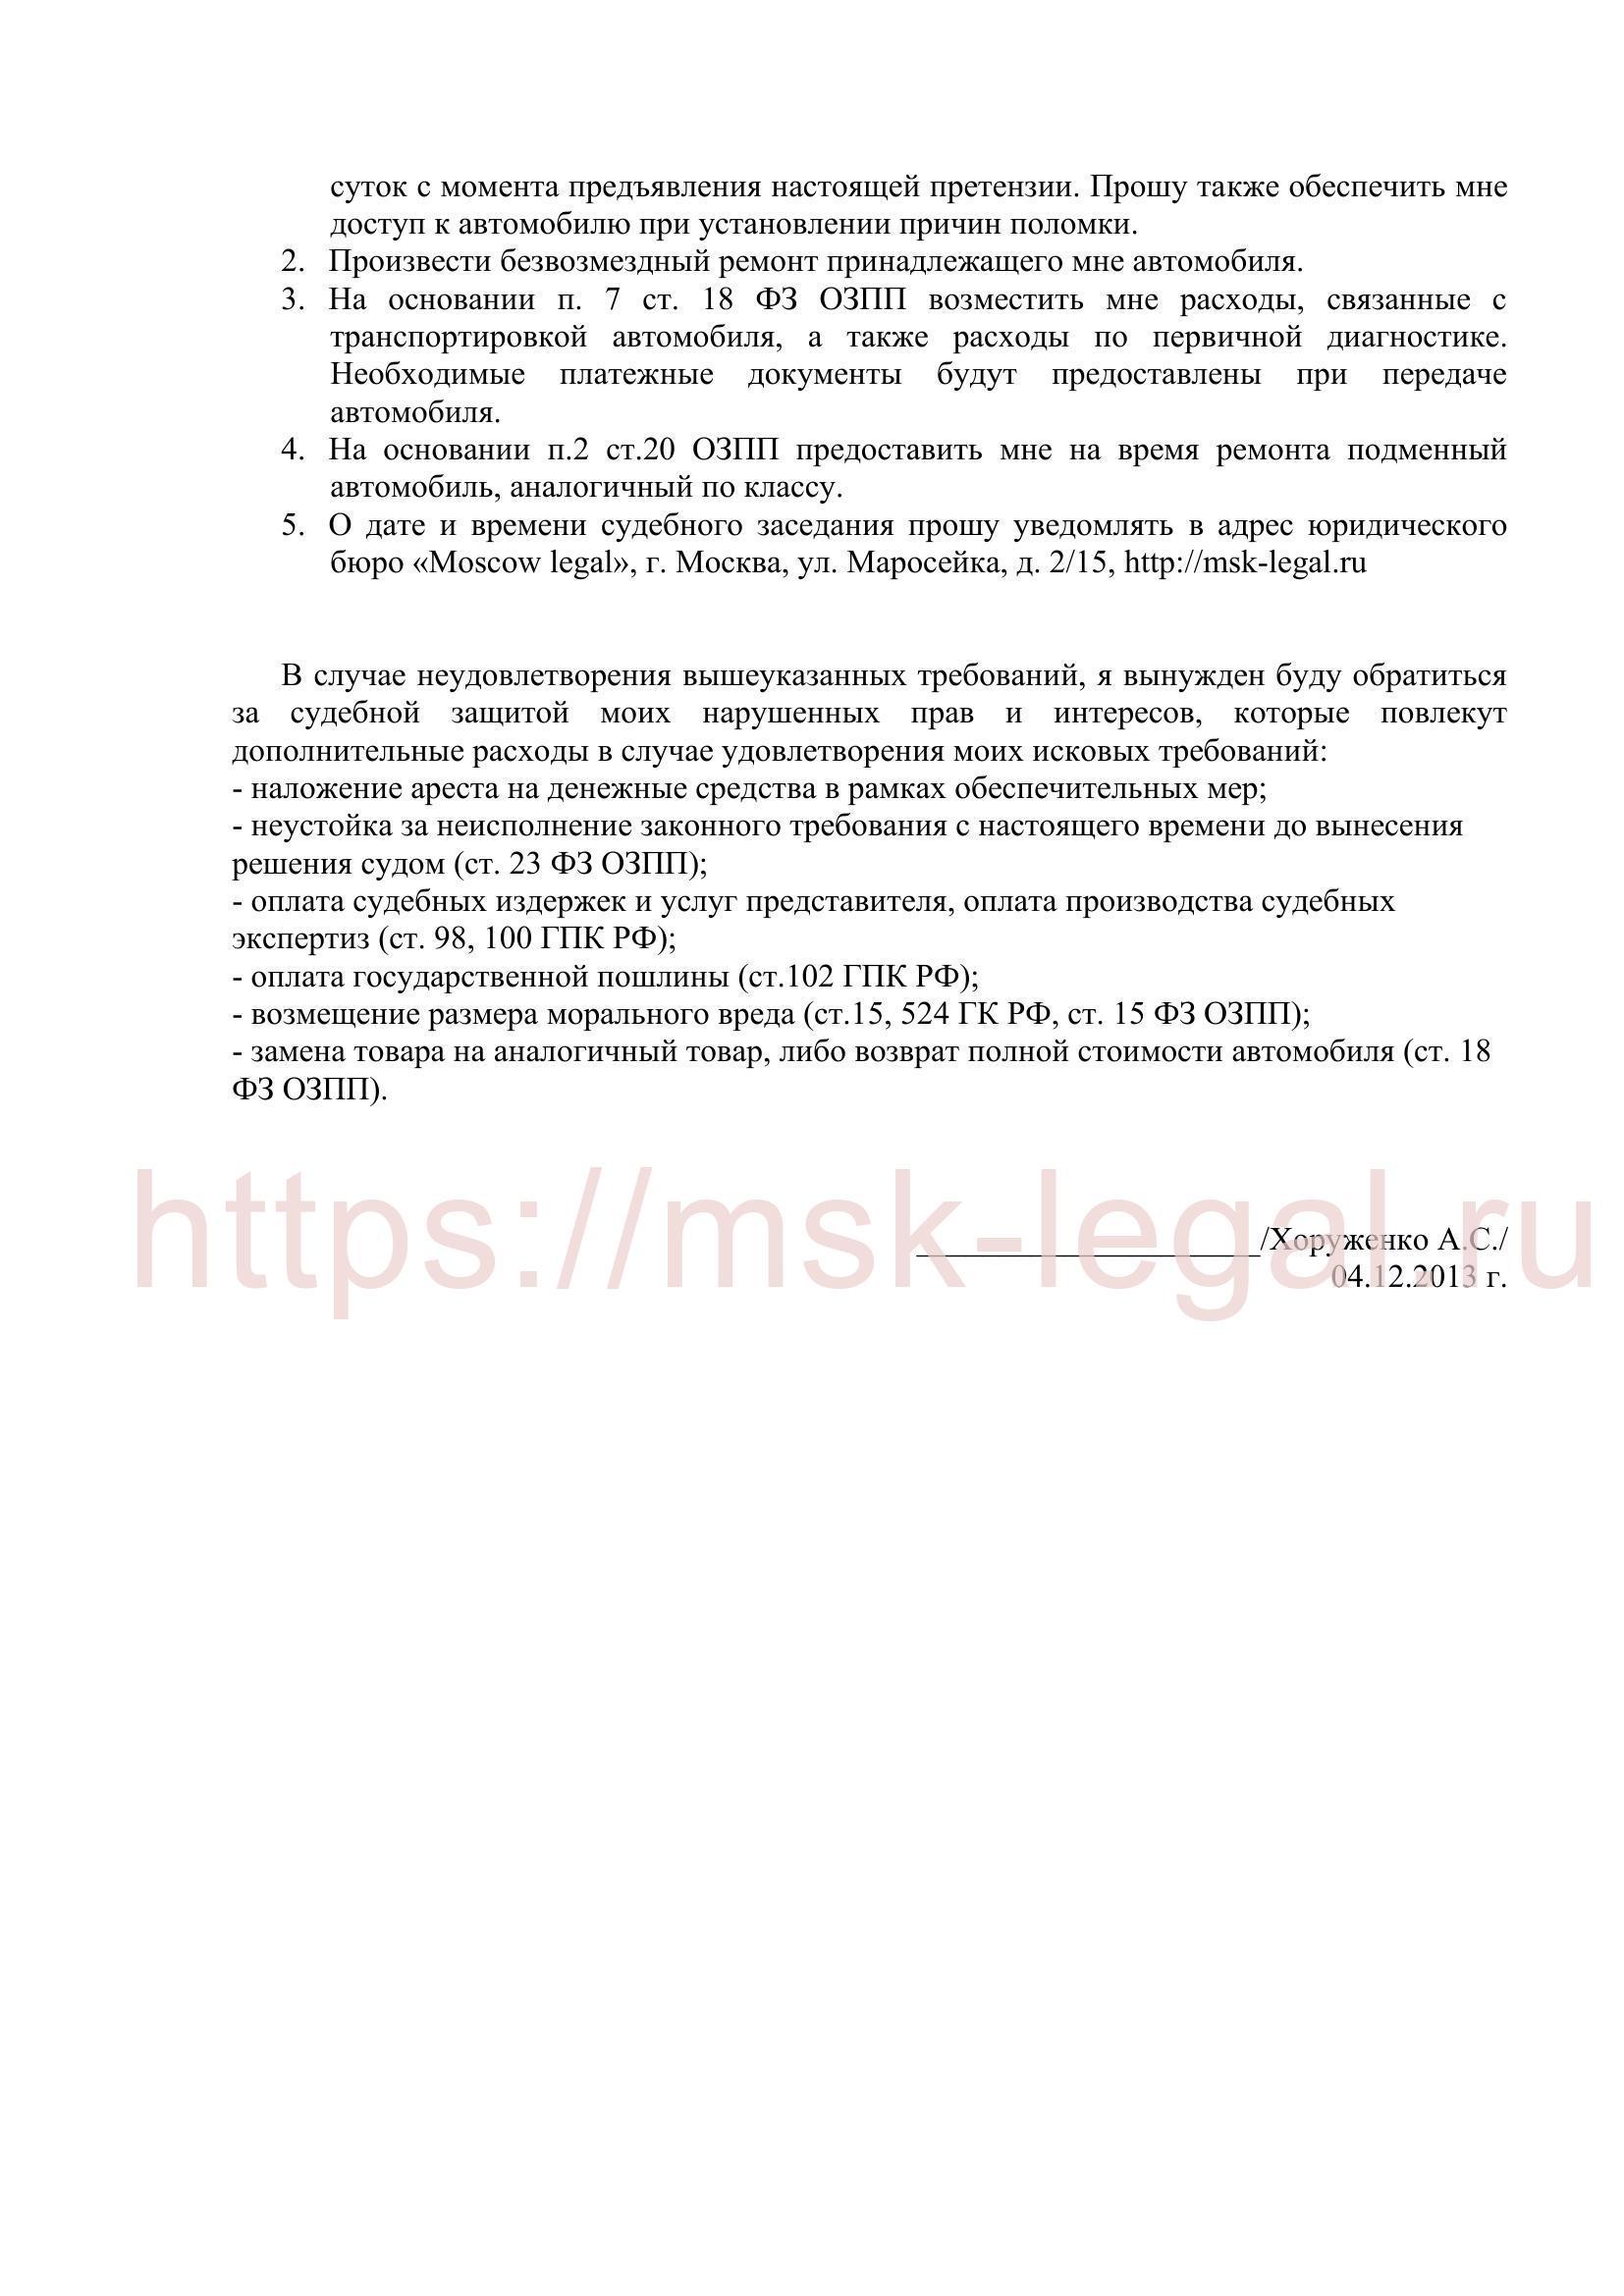 Претензия к сервису о некачественном ремонте автомобиля (2)